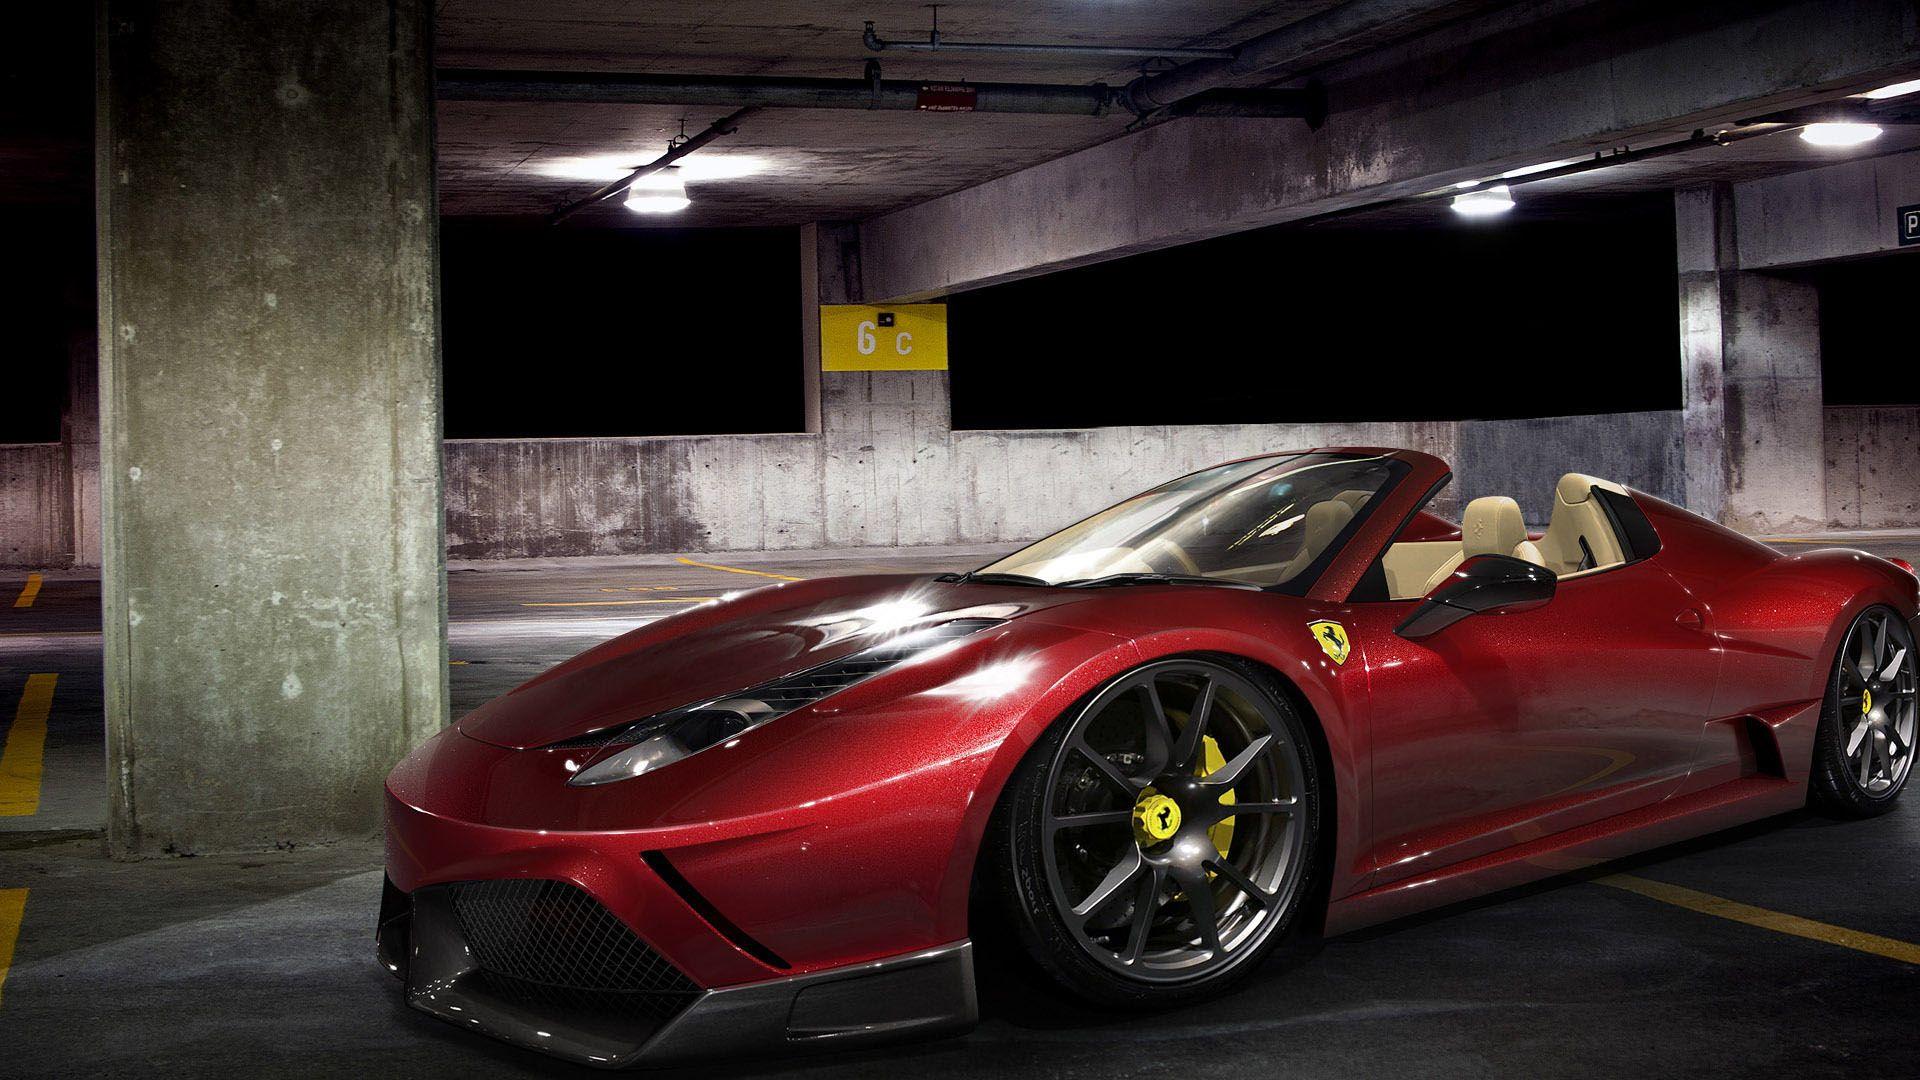 Ferrari 458 Spider Wallpaper HD 1080p Wallpaper